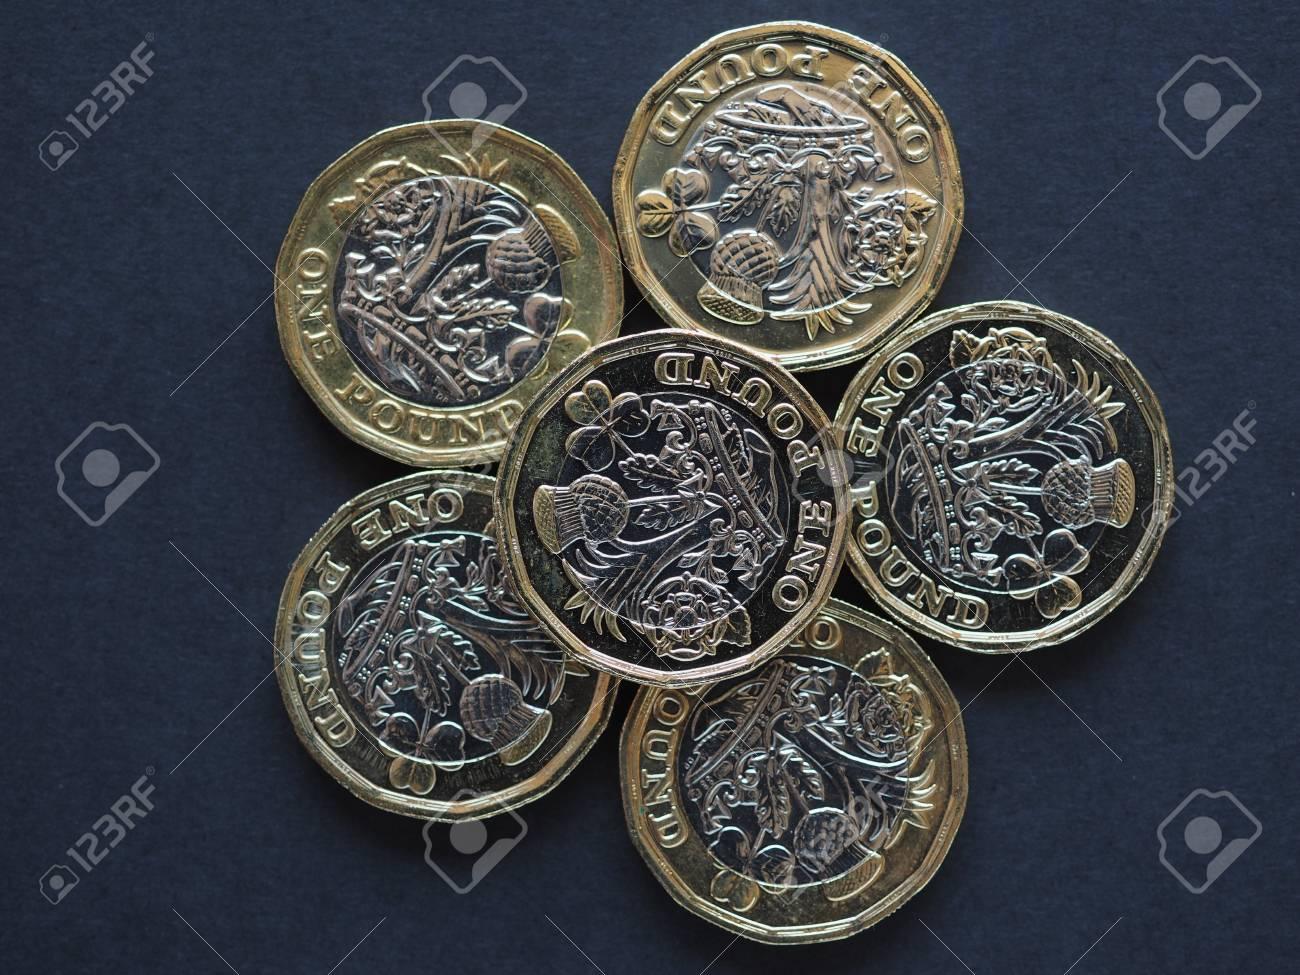 Neue 1 Pfund Münze Geld Währung Währung Des Vereinigten Königreichs